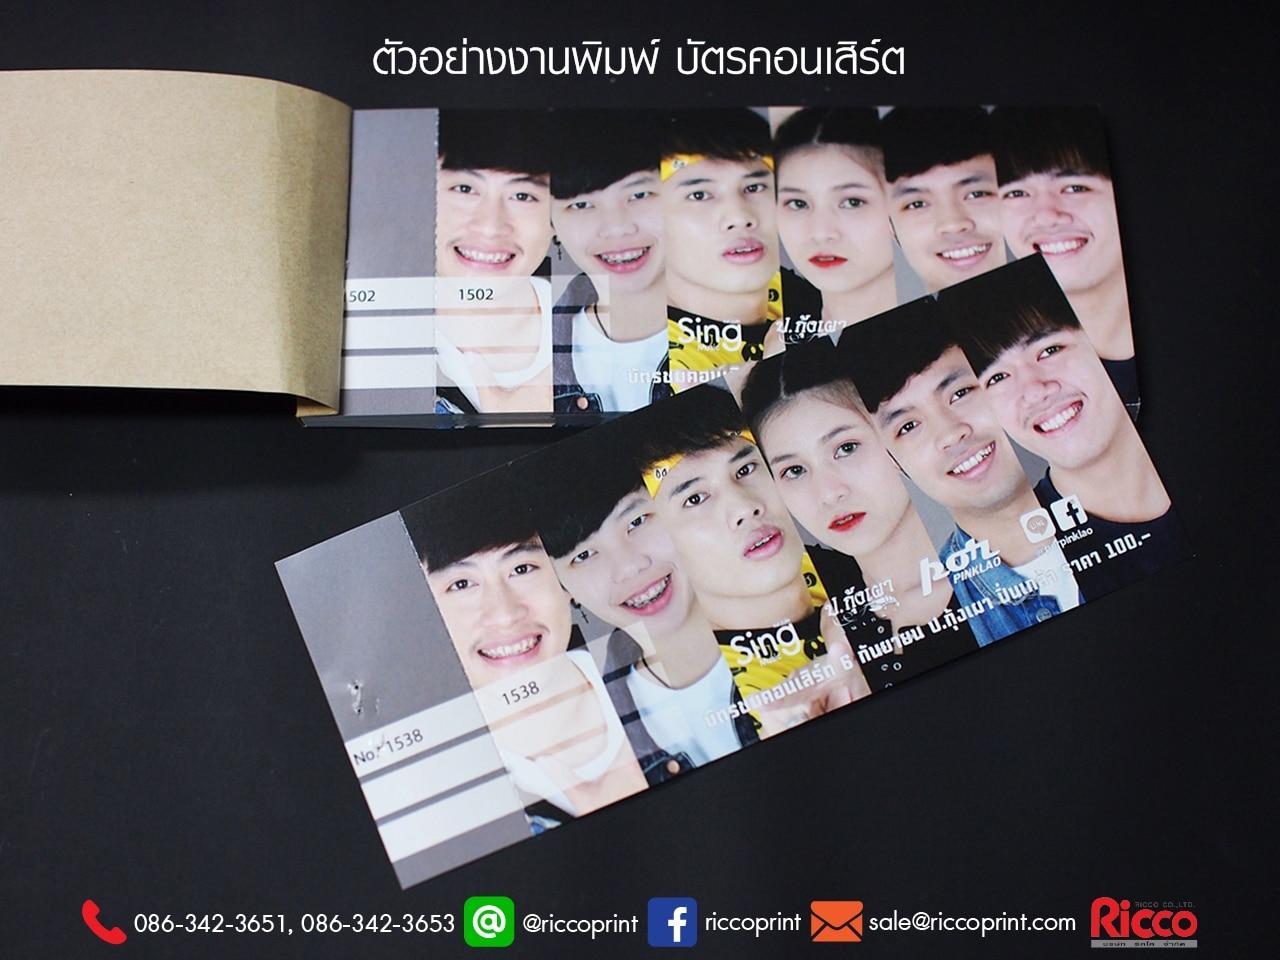 รูป Ticket 2020 ConcertBaanSing2 - ประกอบเนื้อหา คูปอง บัตรกำนัล ตั๋ว